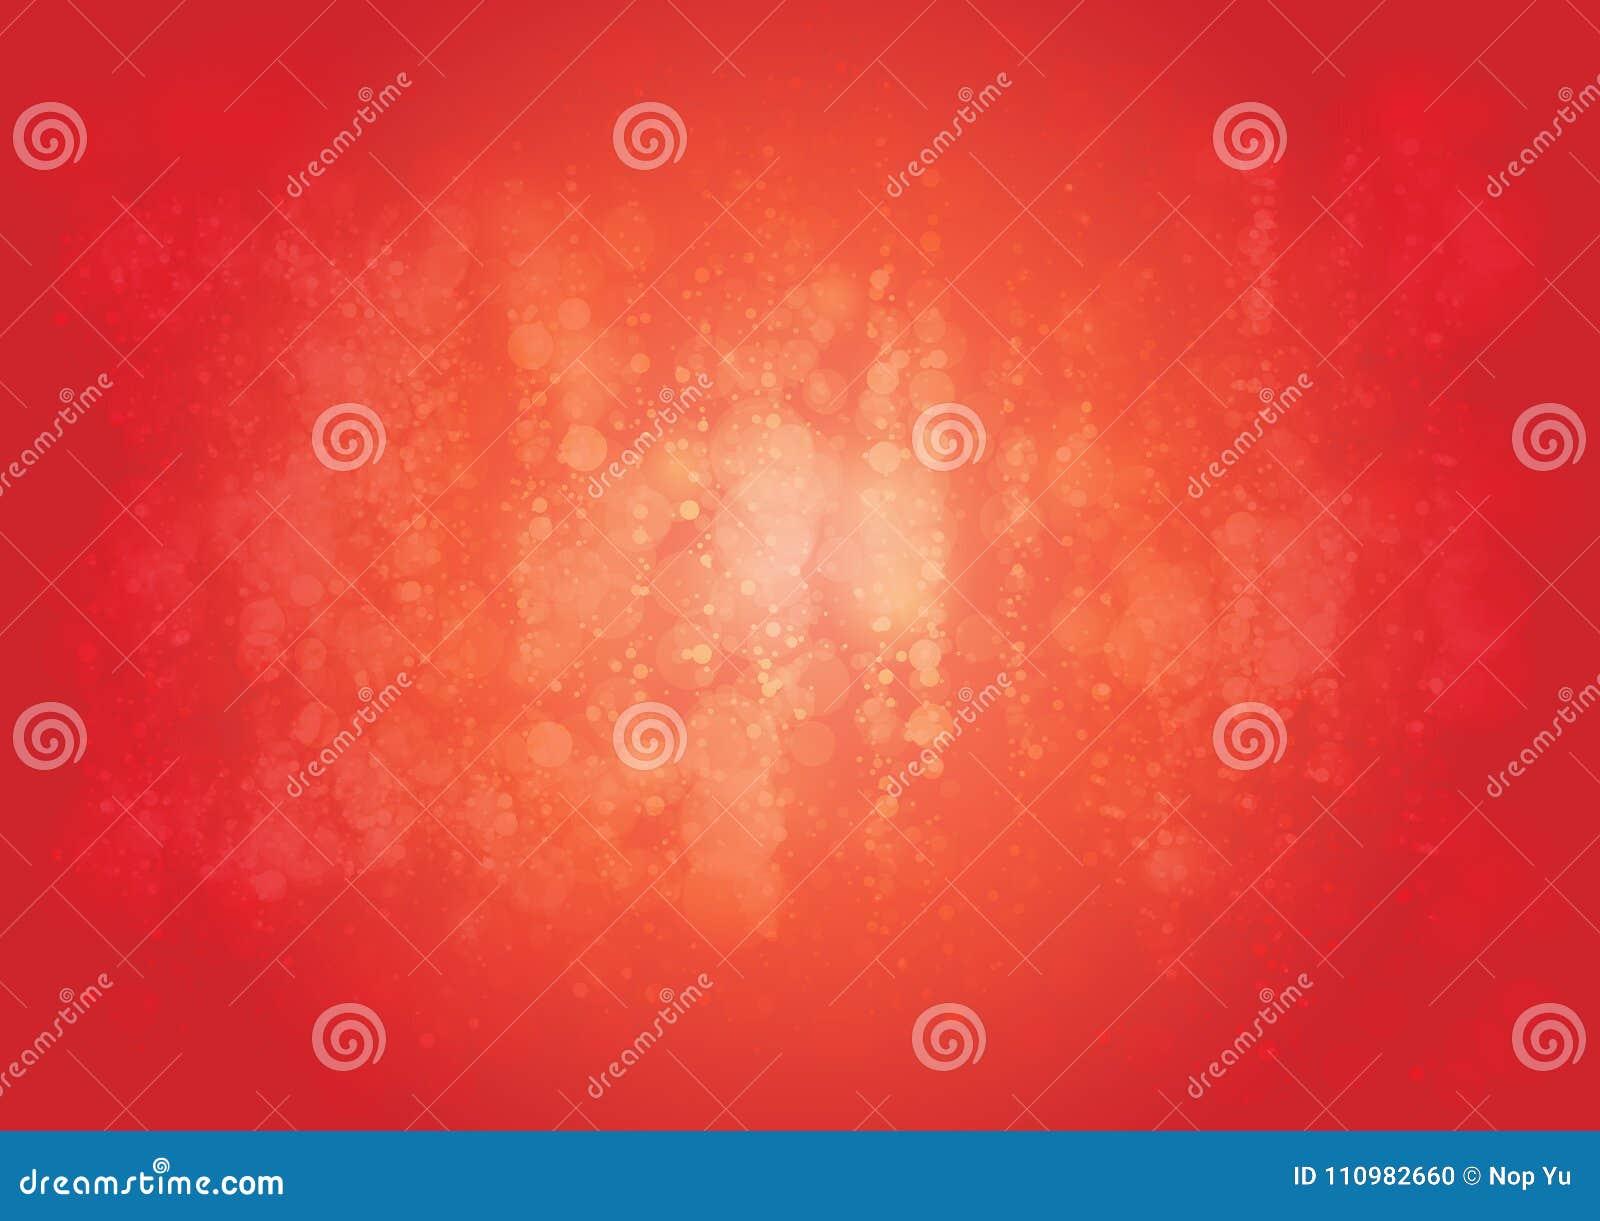 传染媒介抽象五颜六色的迷离Bokeh背景设计EPS10